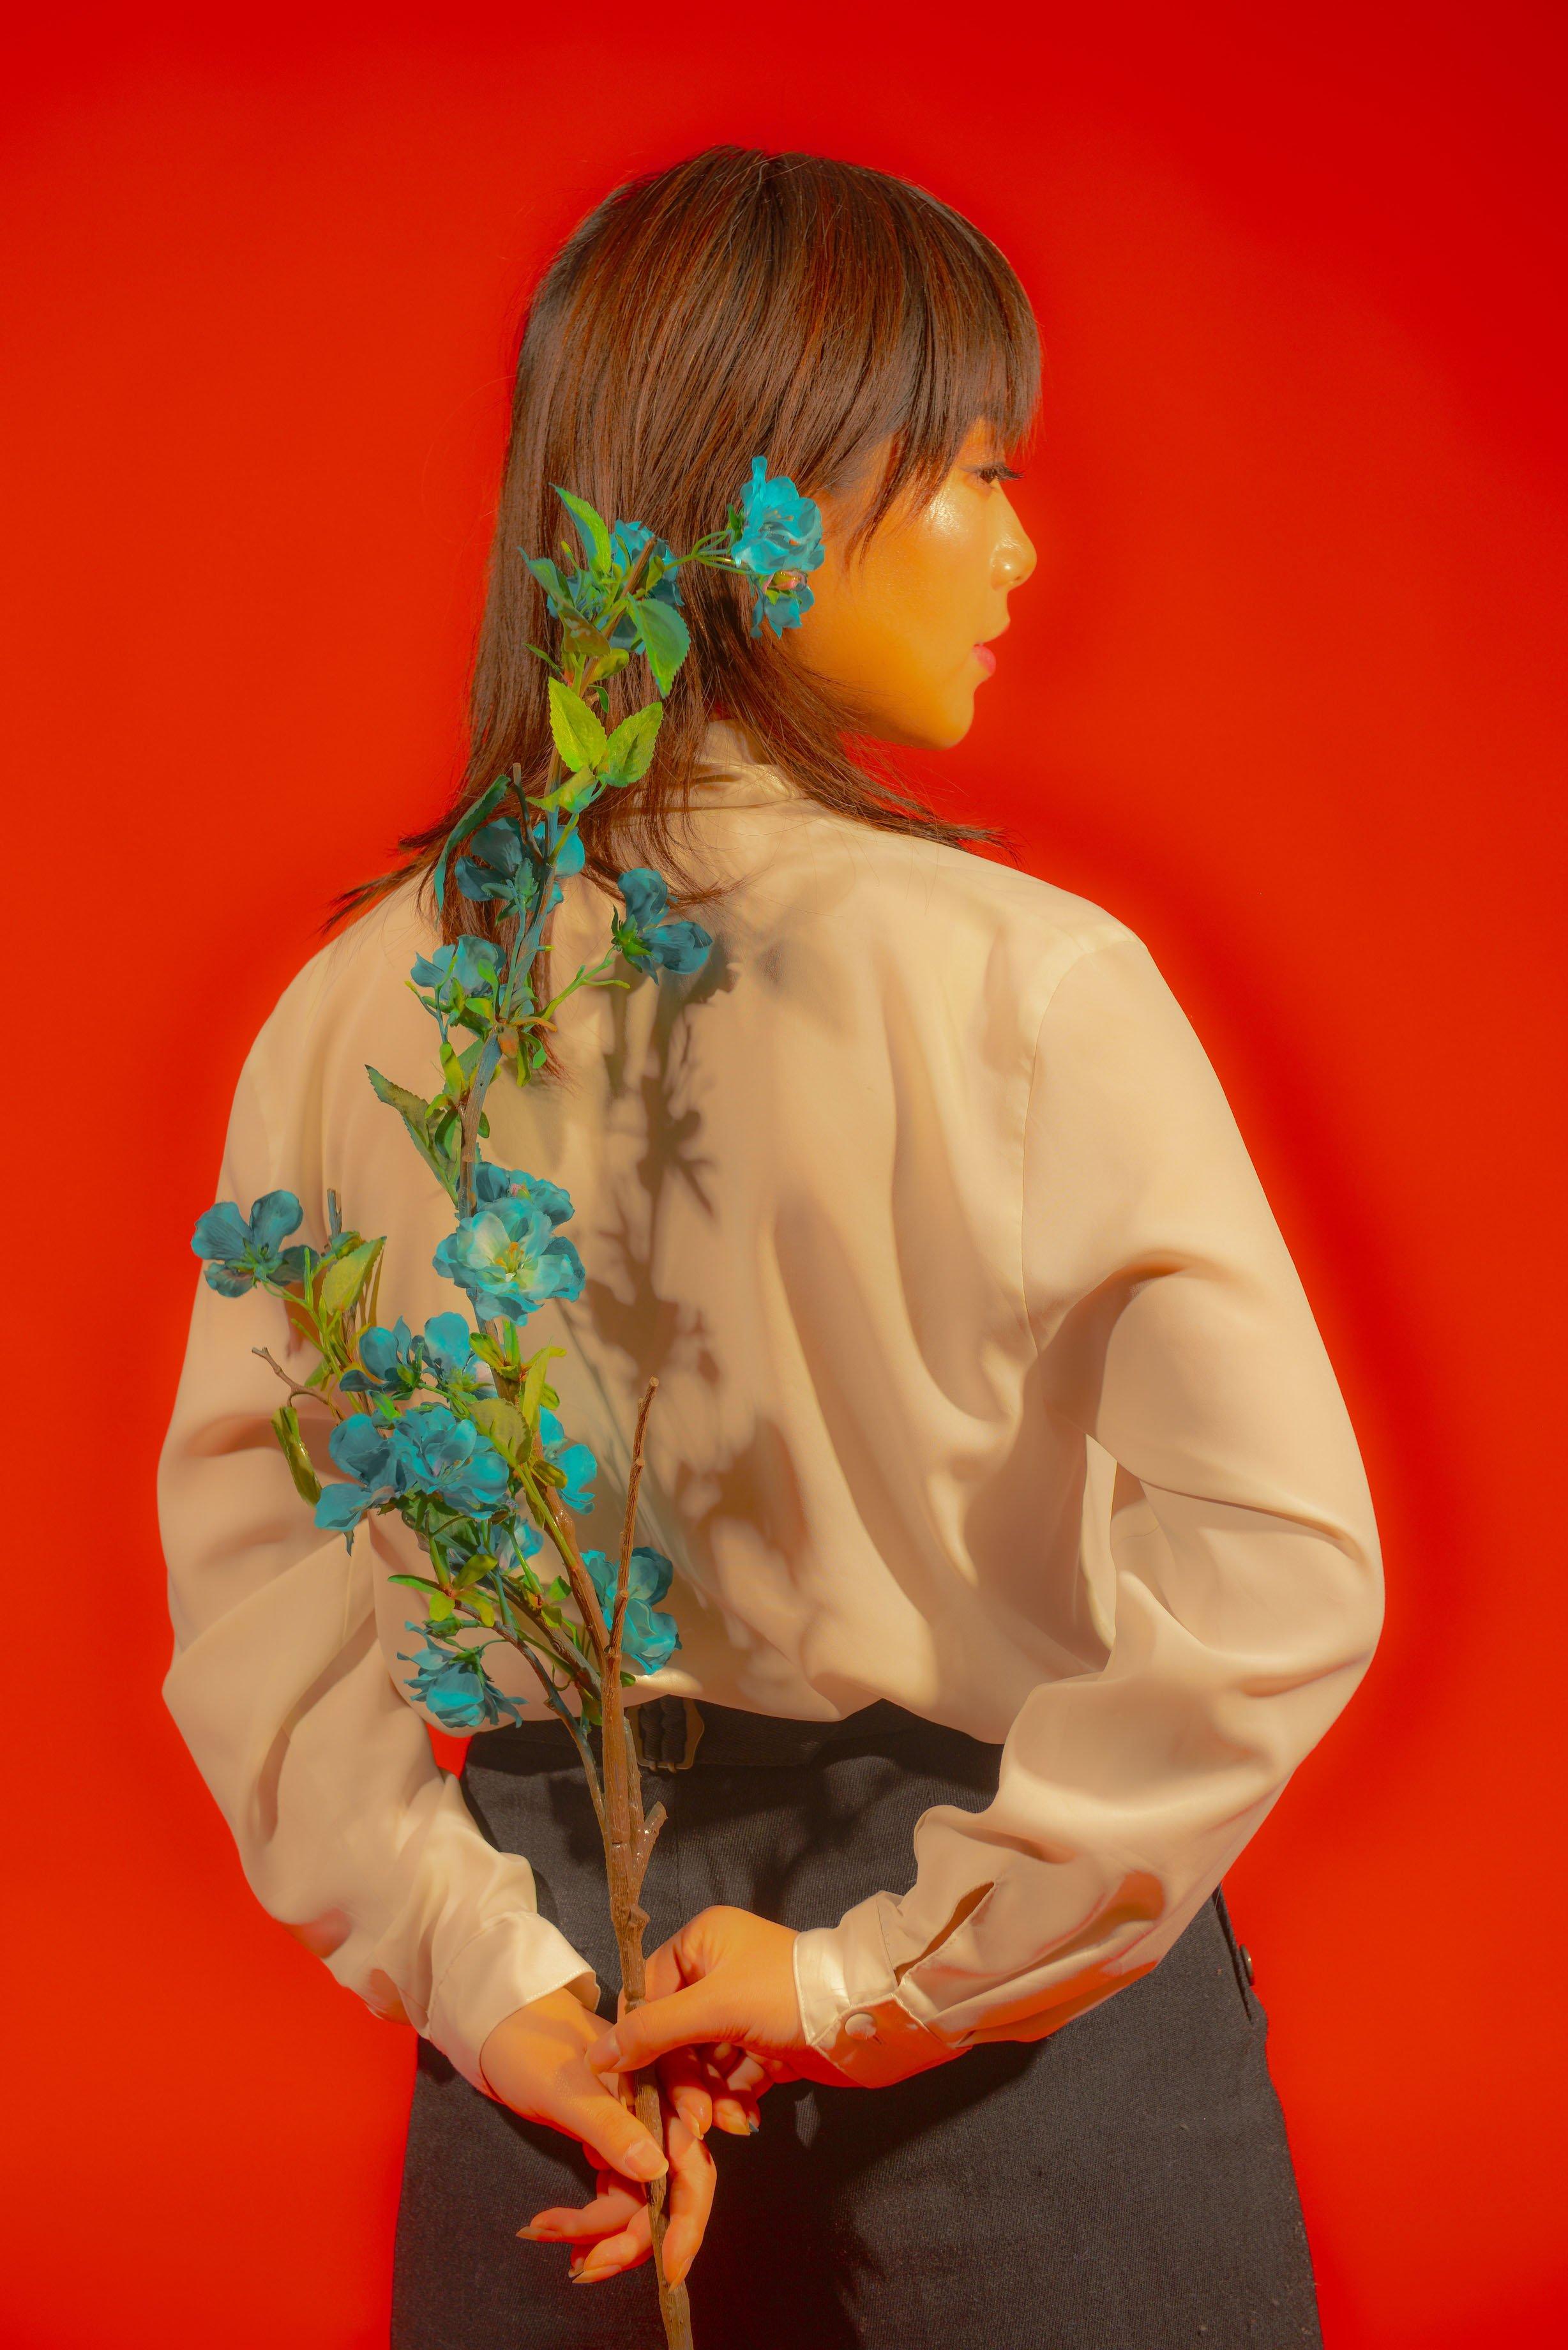 Fotografia a colori, donna con fiore su sfondo rosso